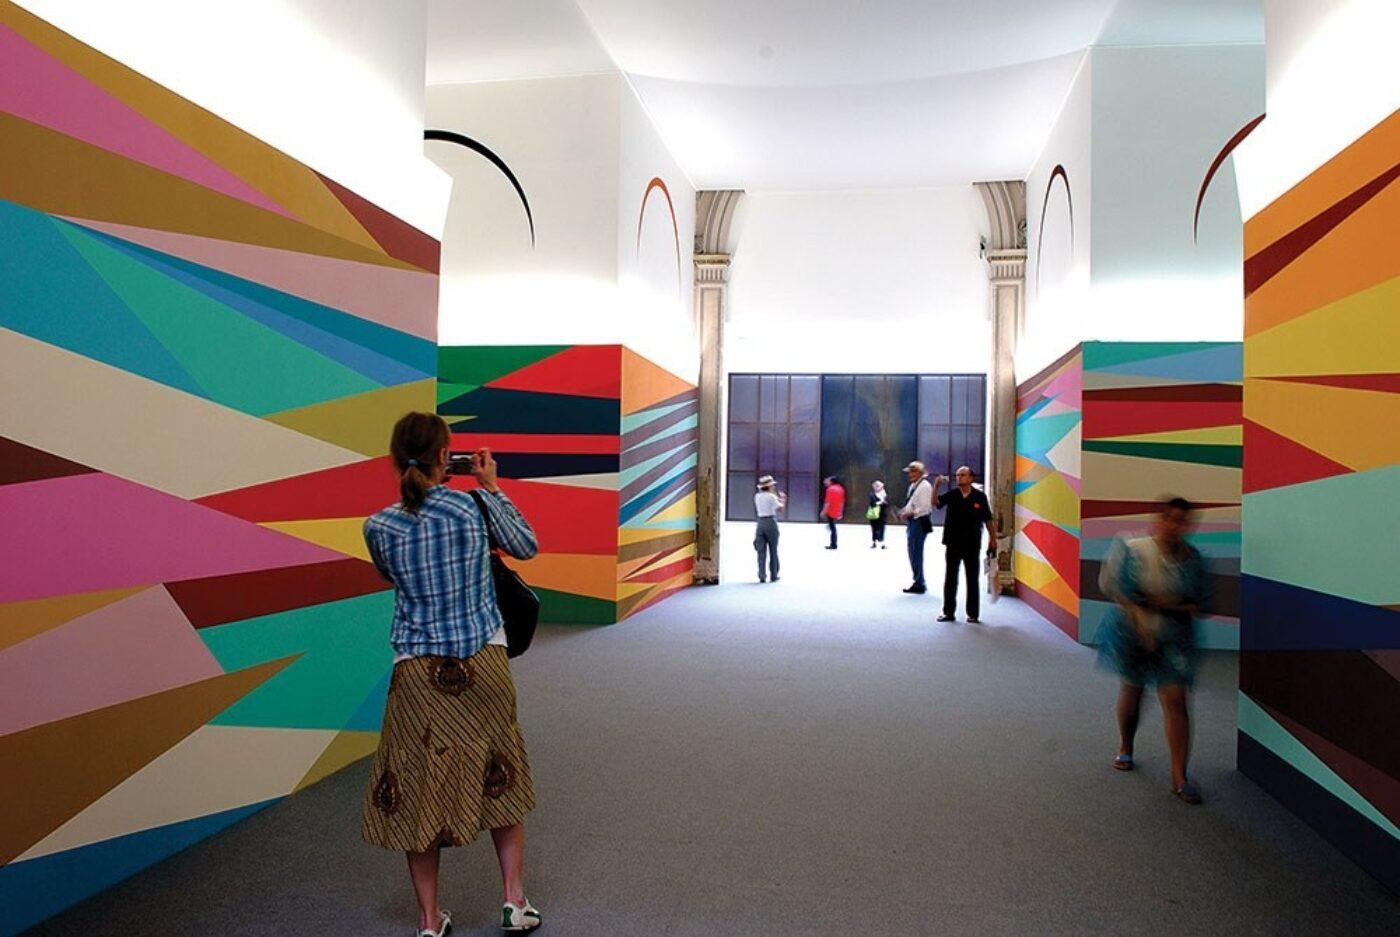 'Give me Shelter', Odili Donald Odita, 52nd Biennale